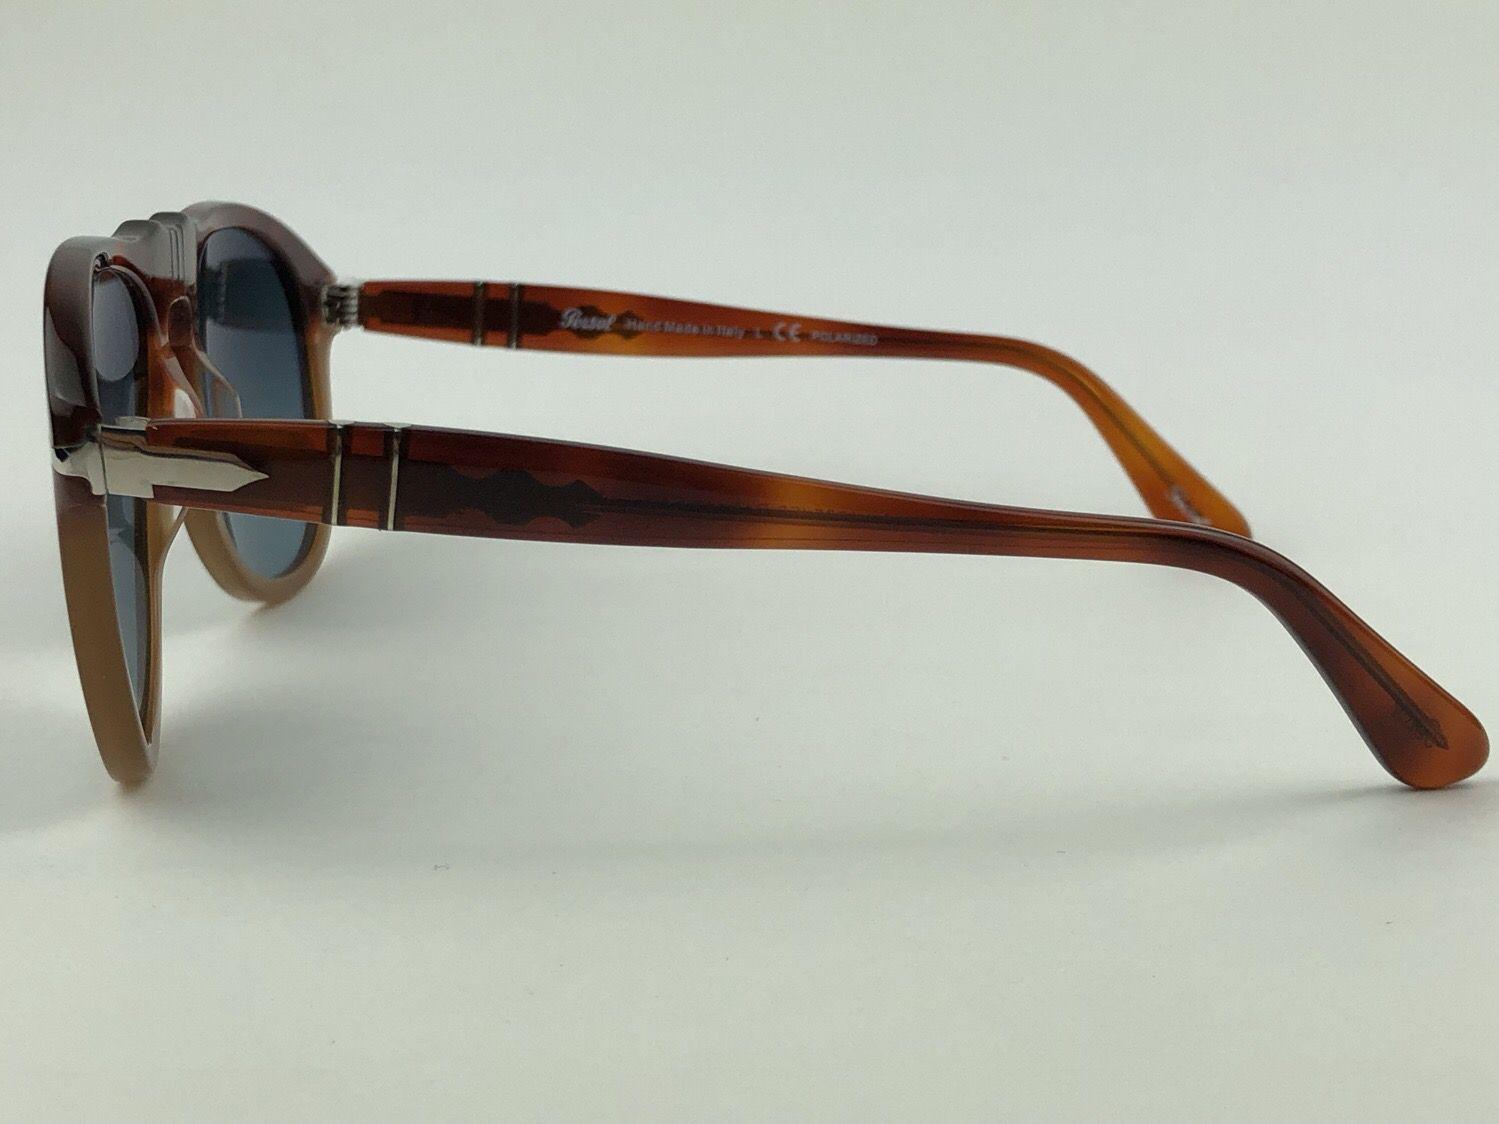 Persol - PO649 - Havana degradê - 1025/S3 - 54/20 - Óculos de sol